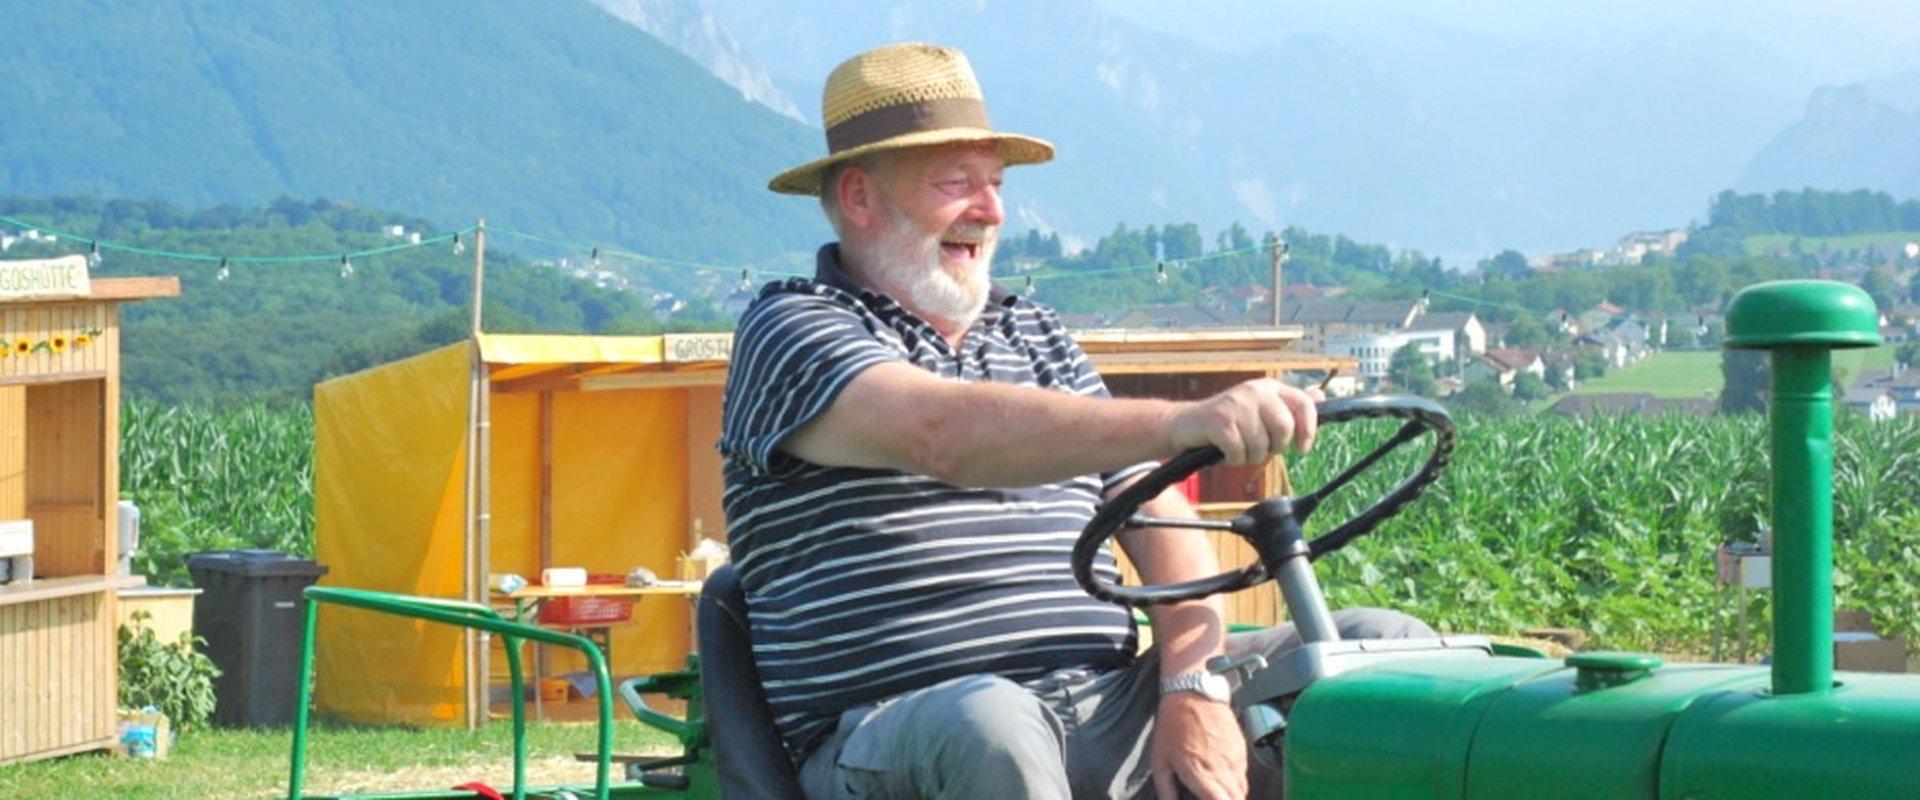 Der Bauer zu Nathal - Kein Film über Thomas Bernhard